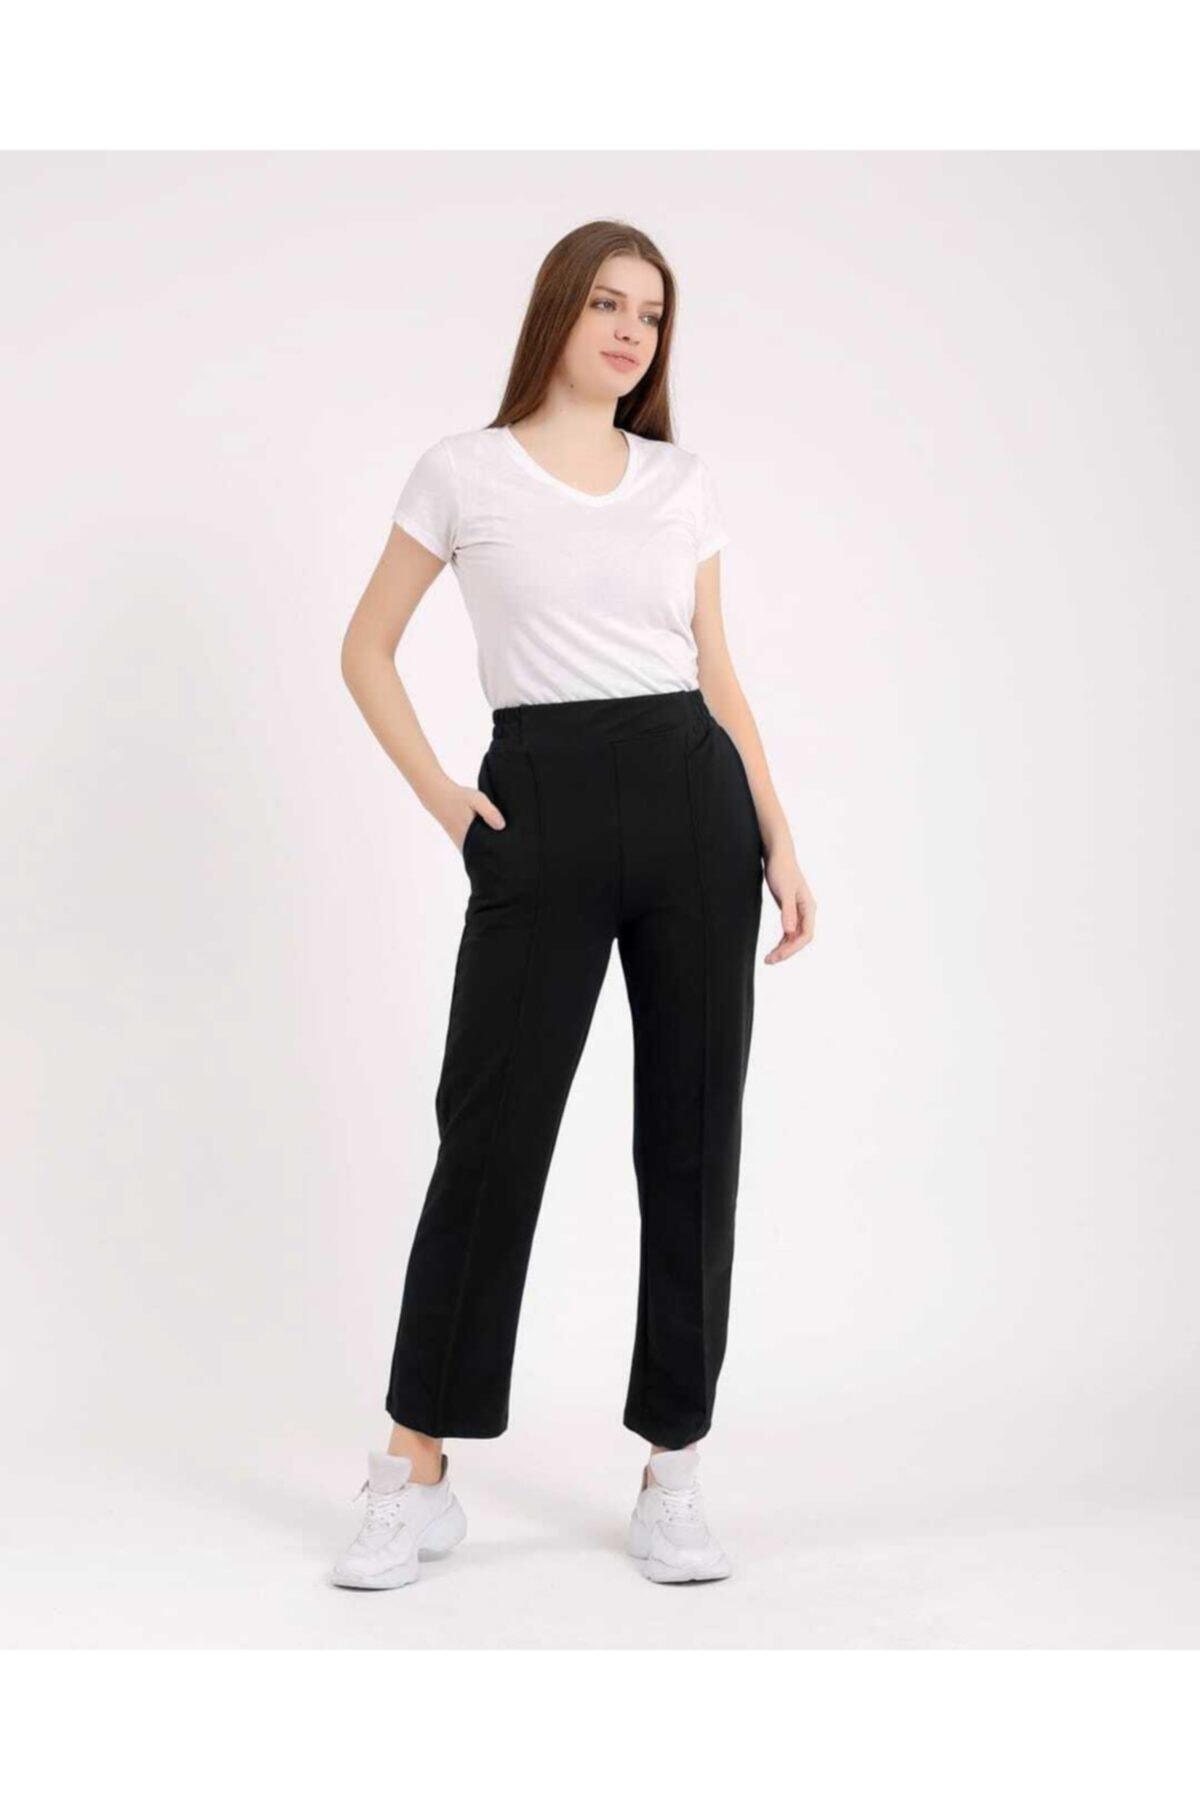 ZÜLEYHA NUR Kadın Siyah Likralı Beli Lastikli Trend Pantolon 2